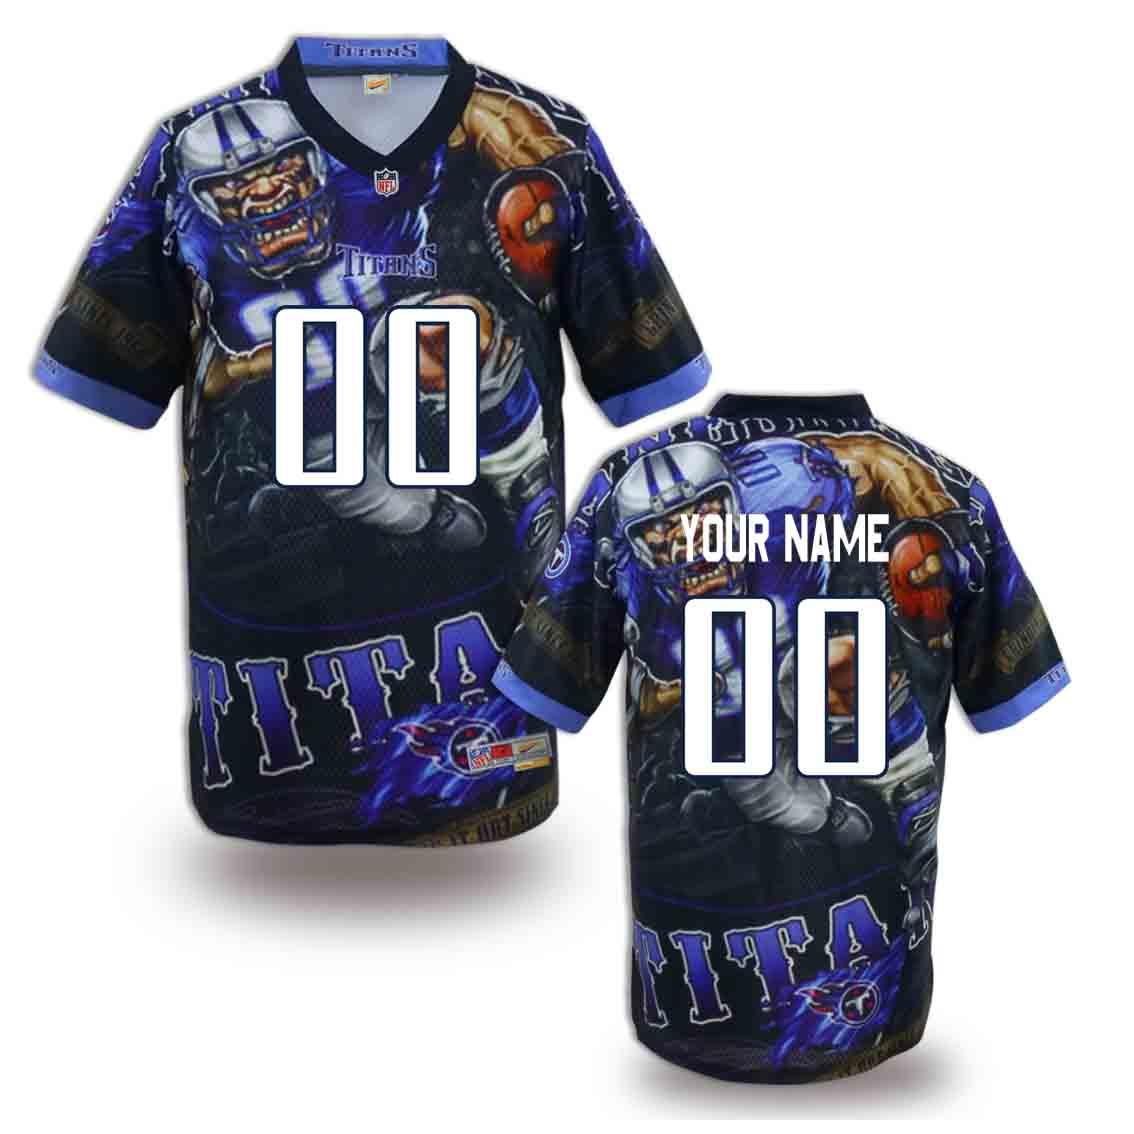 Nike Titans Customized Fashion Stitched Jerseys01